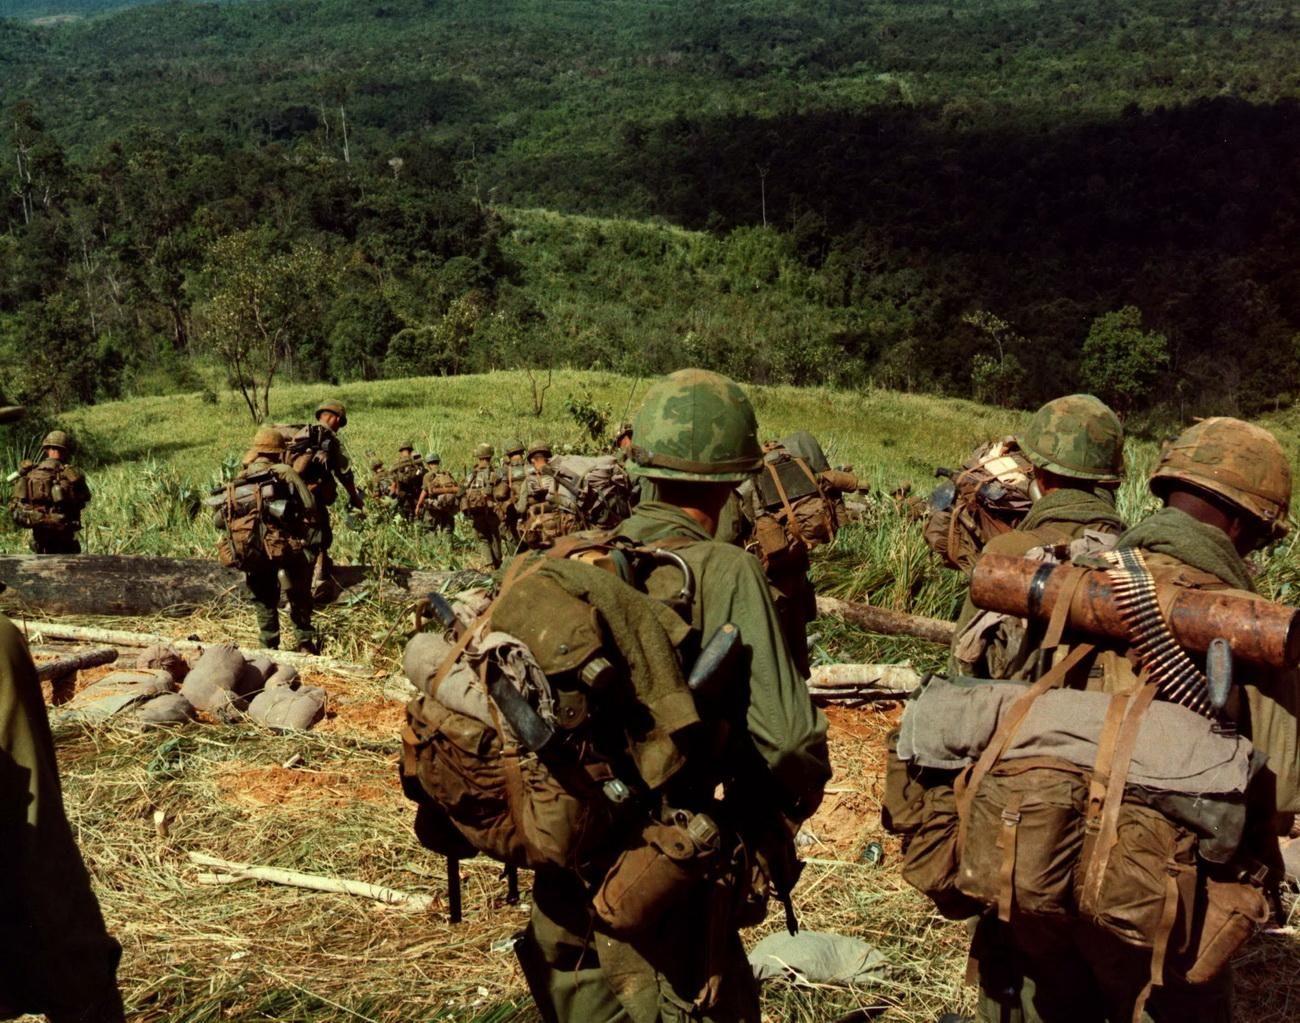 Guerra do Vietnã - Imagens coloridas    Frases de Guerra  d247dded13b